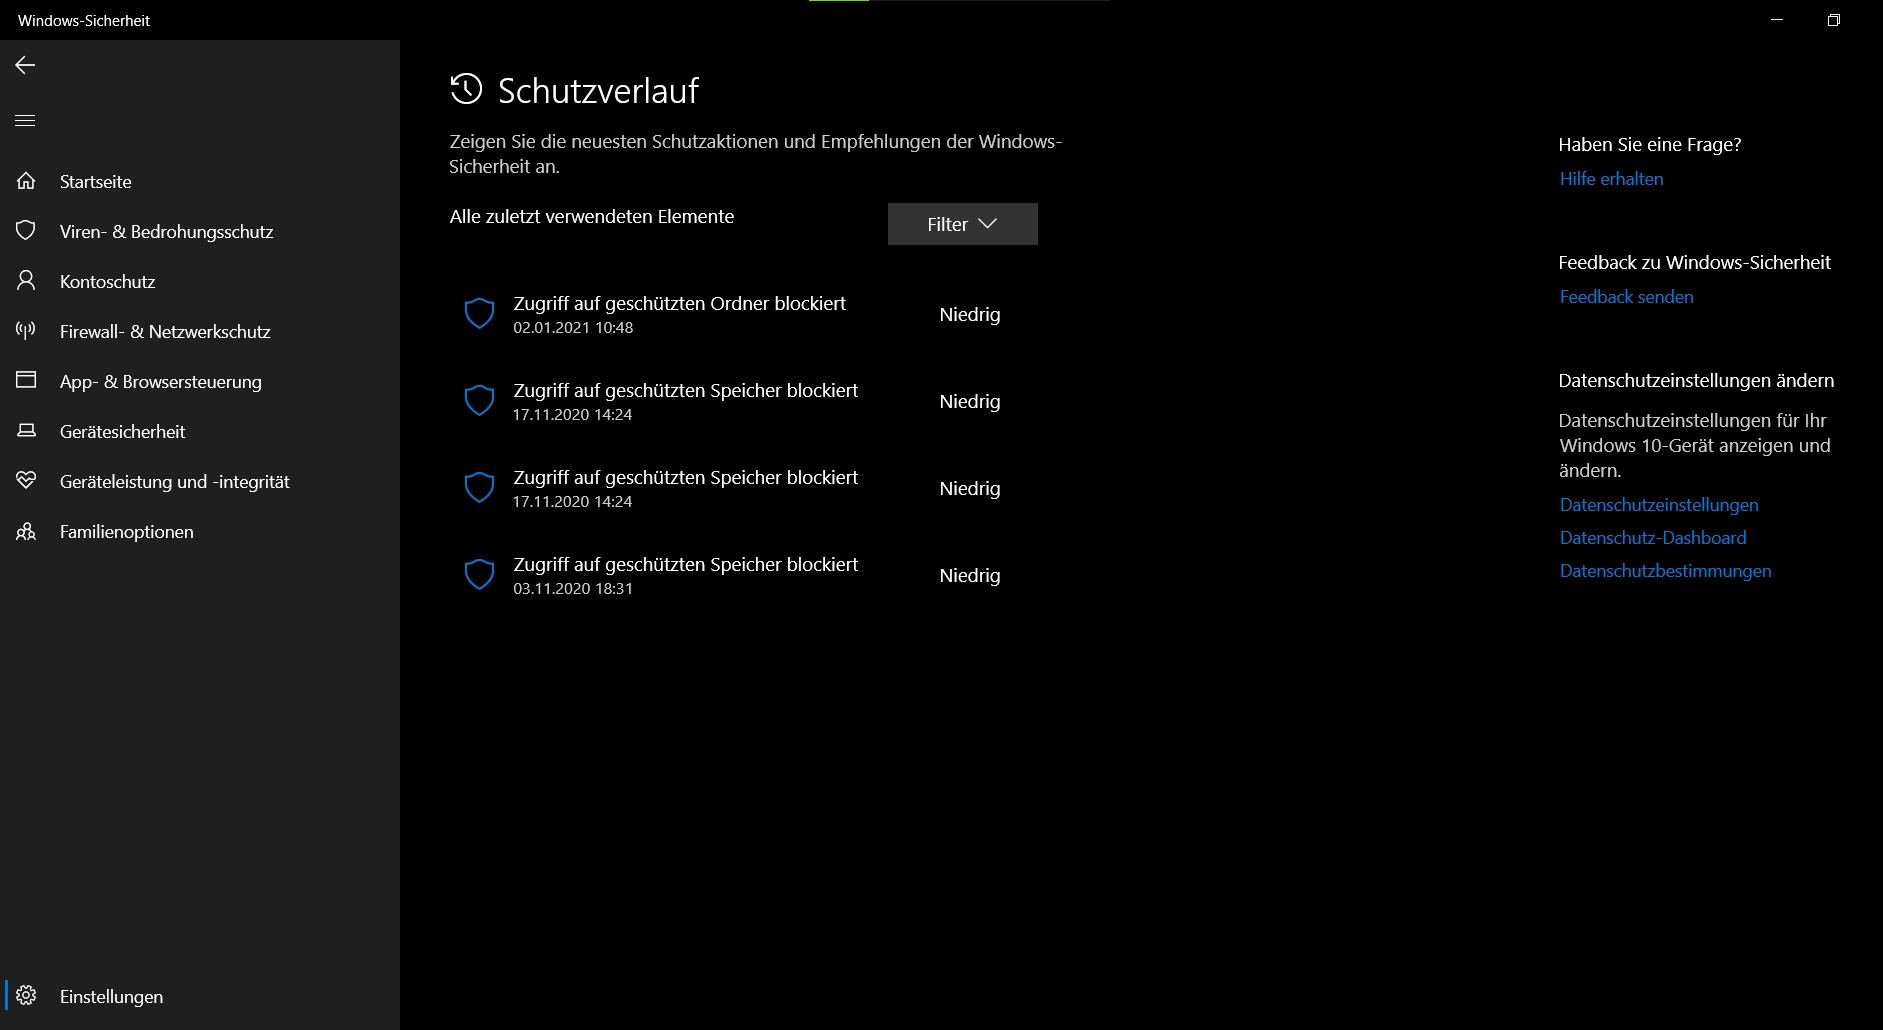 Windows Sicherheit Suchverlauf